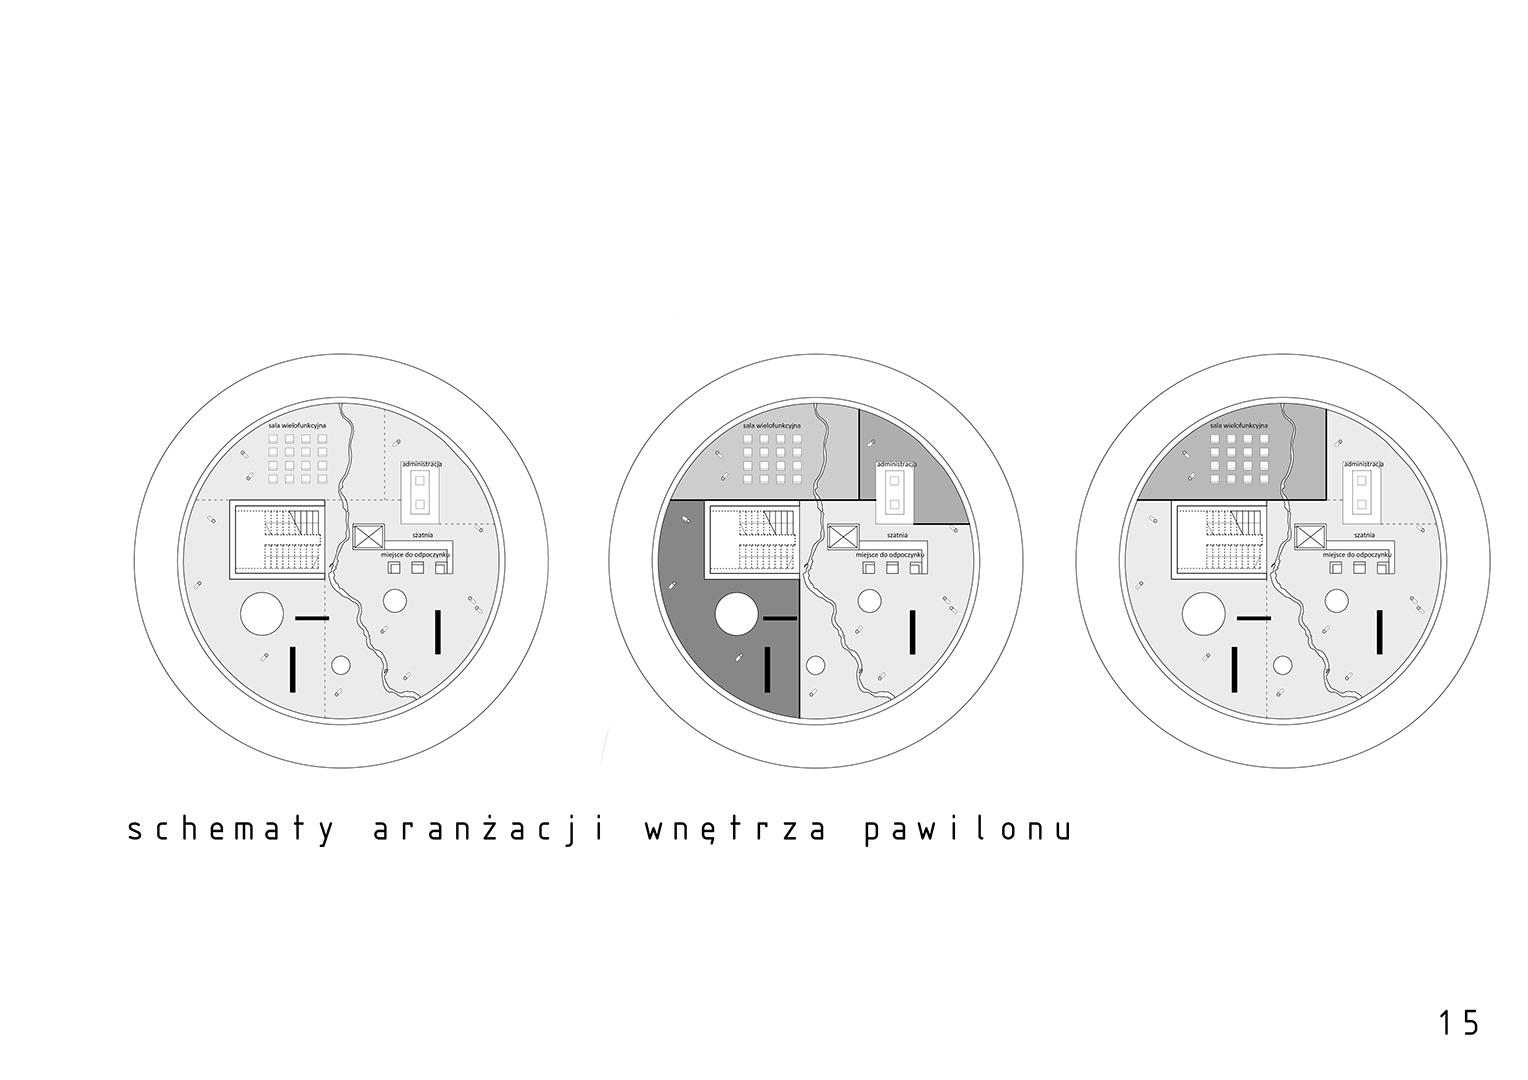 Pawilon edukacyjny - schematy aranżacji wnętrza pawilonu